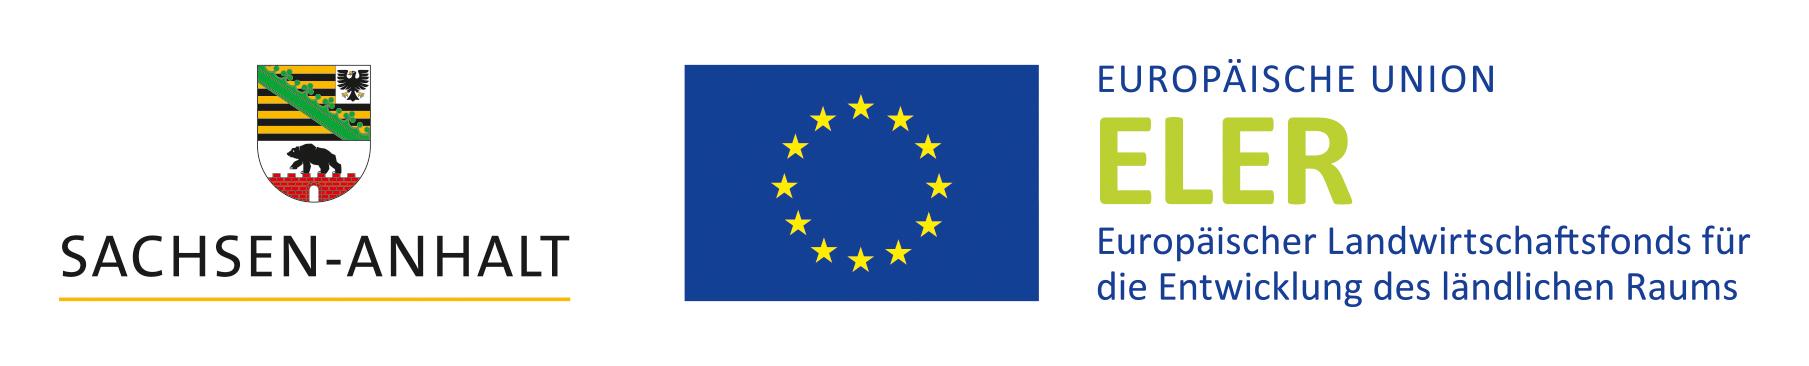 Logoreihe Europäische Union ELER und Sachsen-Anhalt